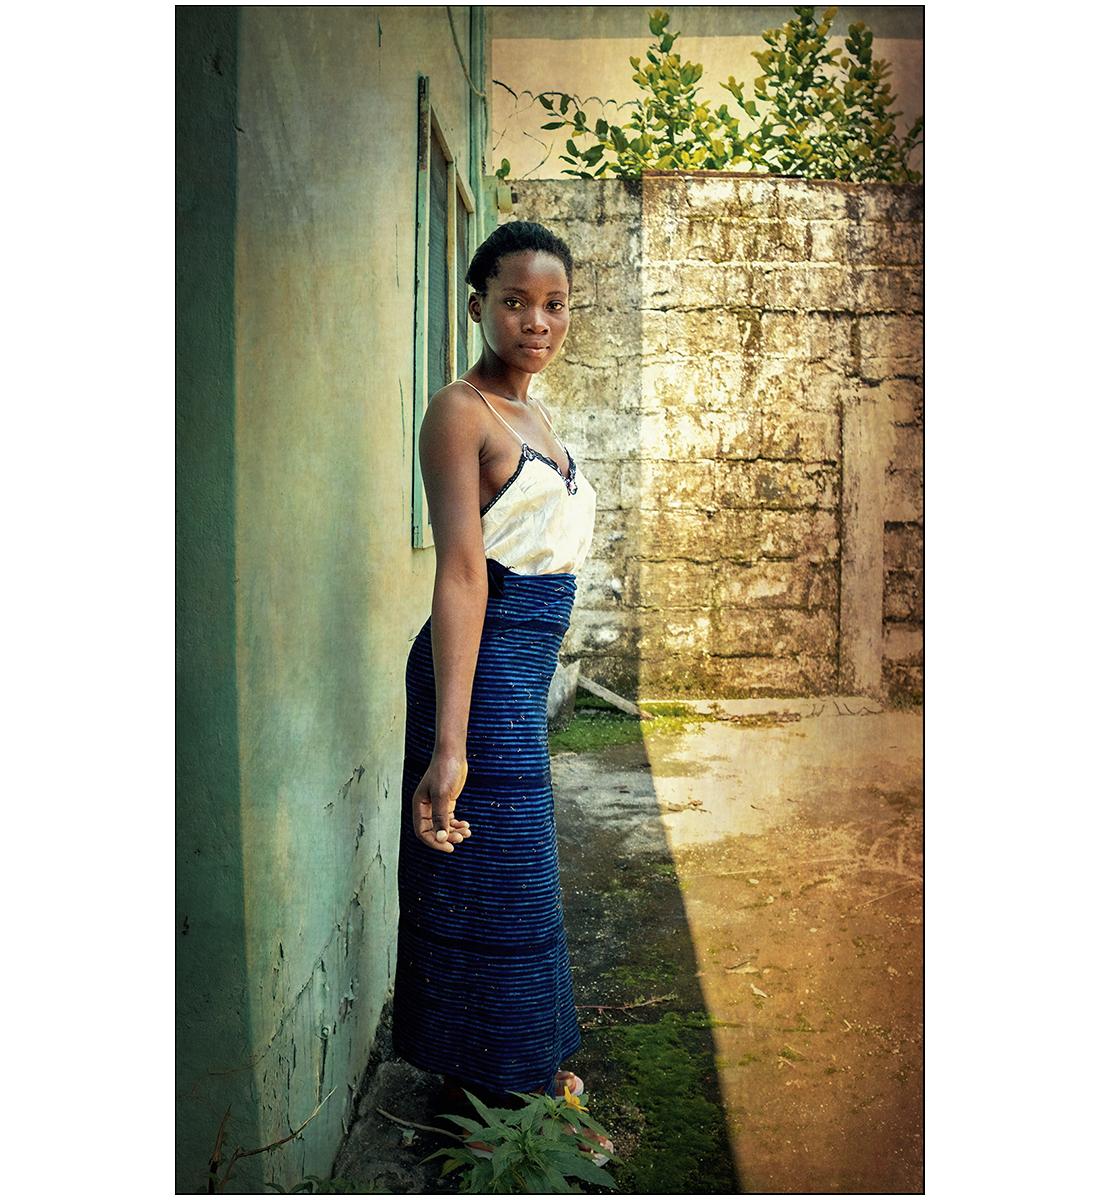 Aisha6551_DKortephoto